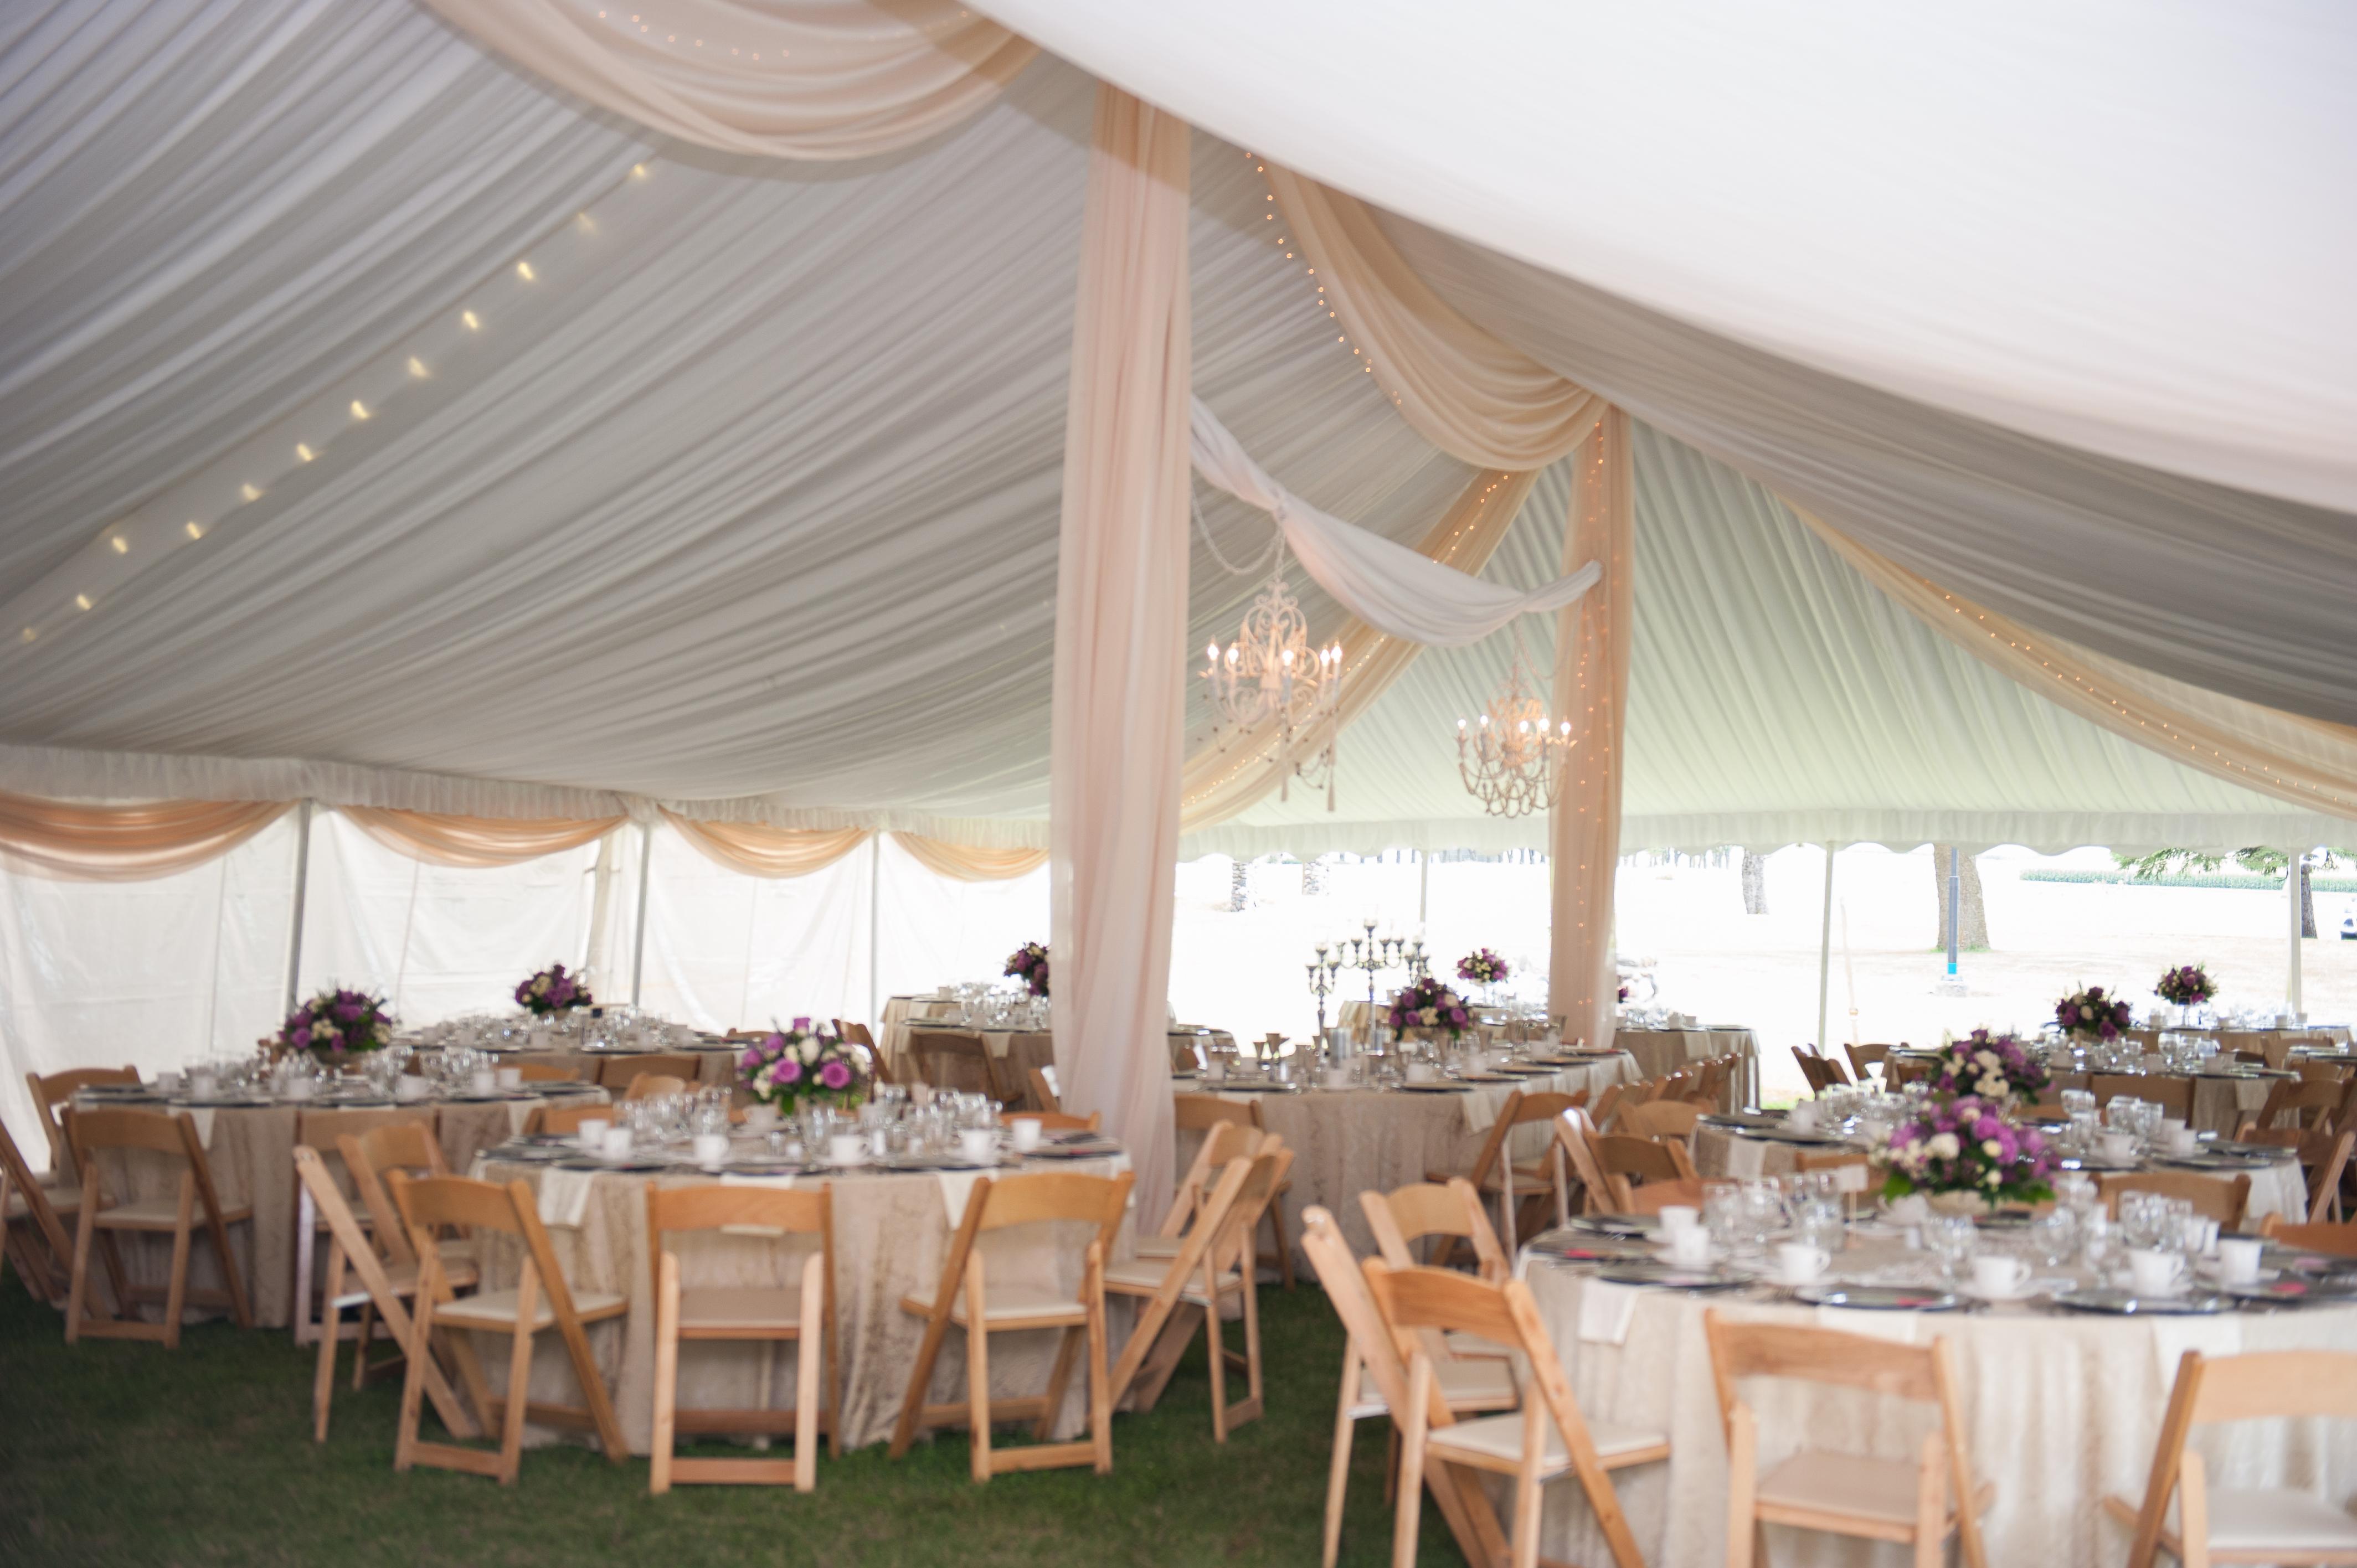 Victorian Vintage Tent Wedding - Rent Today! - G & K Event ...